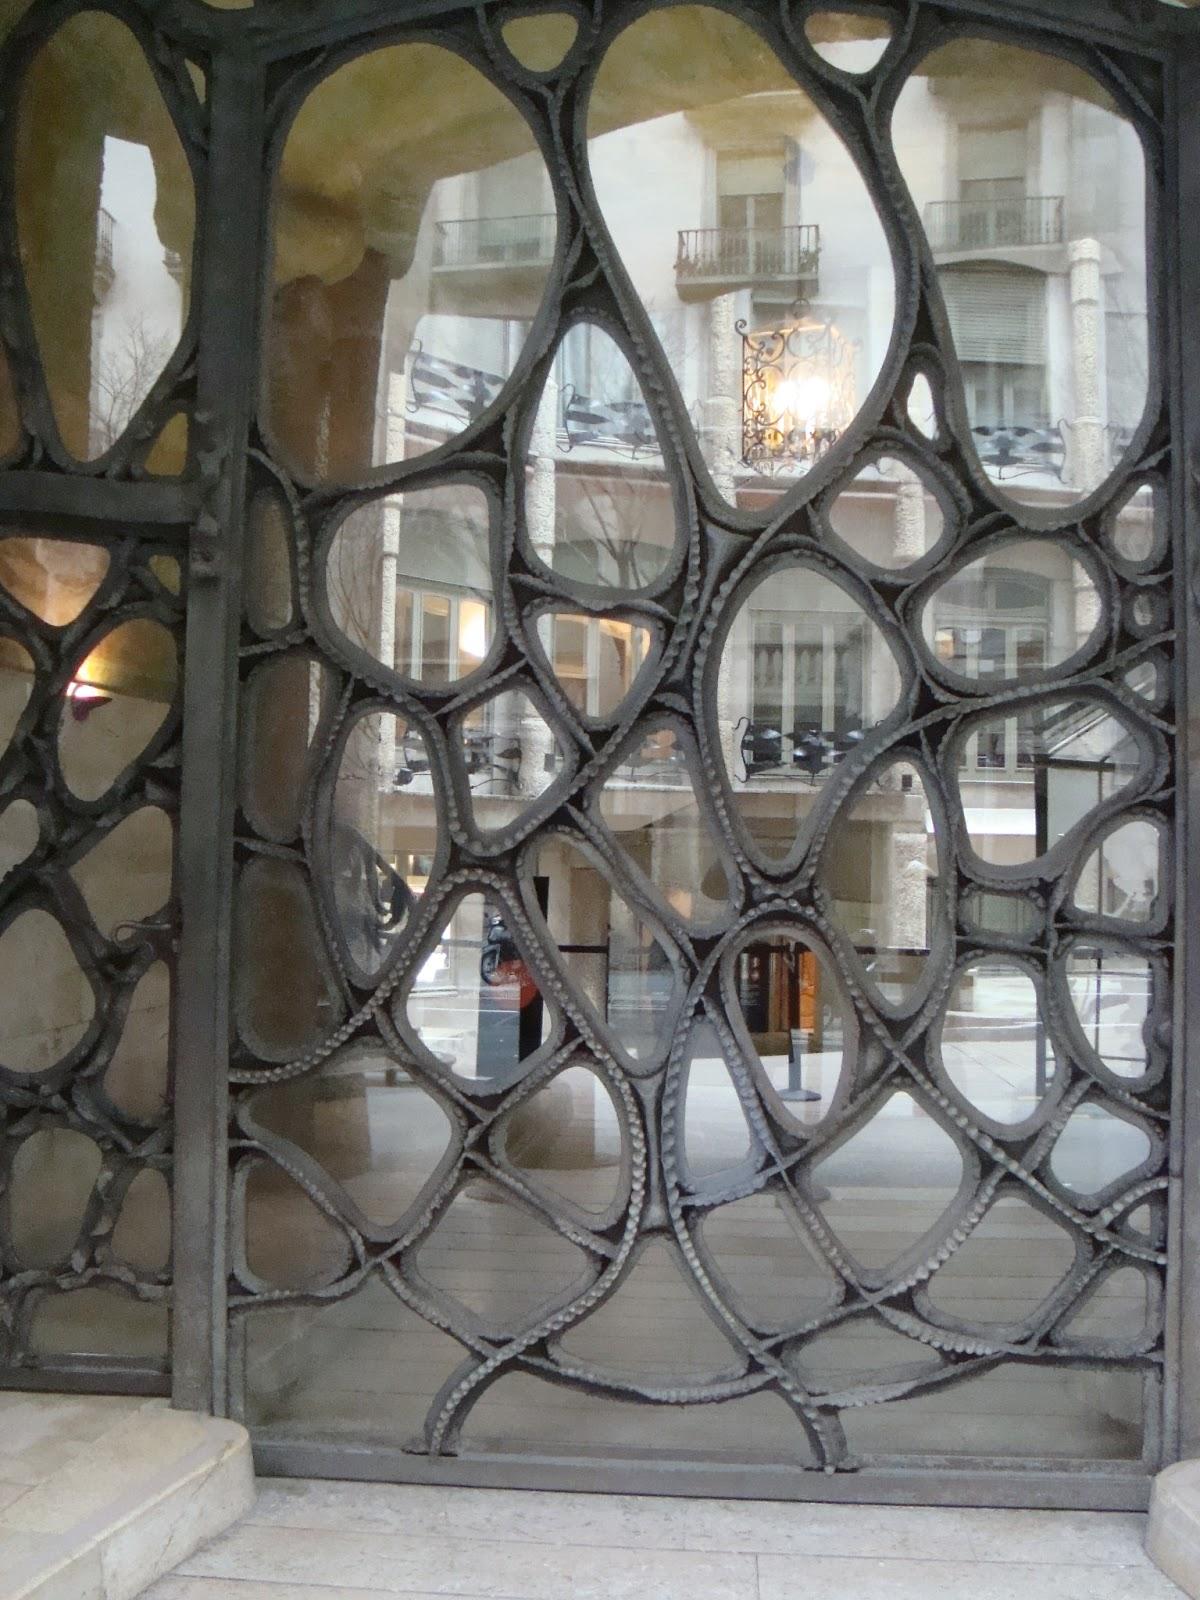 Paseos art nouveau porte 35 casa mil la pedrera - Art nouveau architecture de barcelone revisitee ...